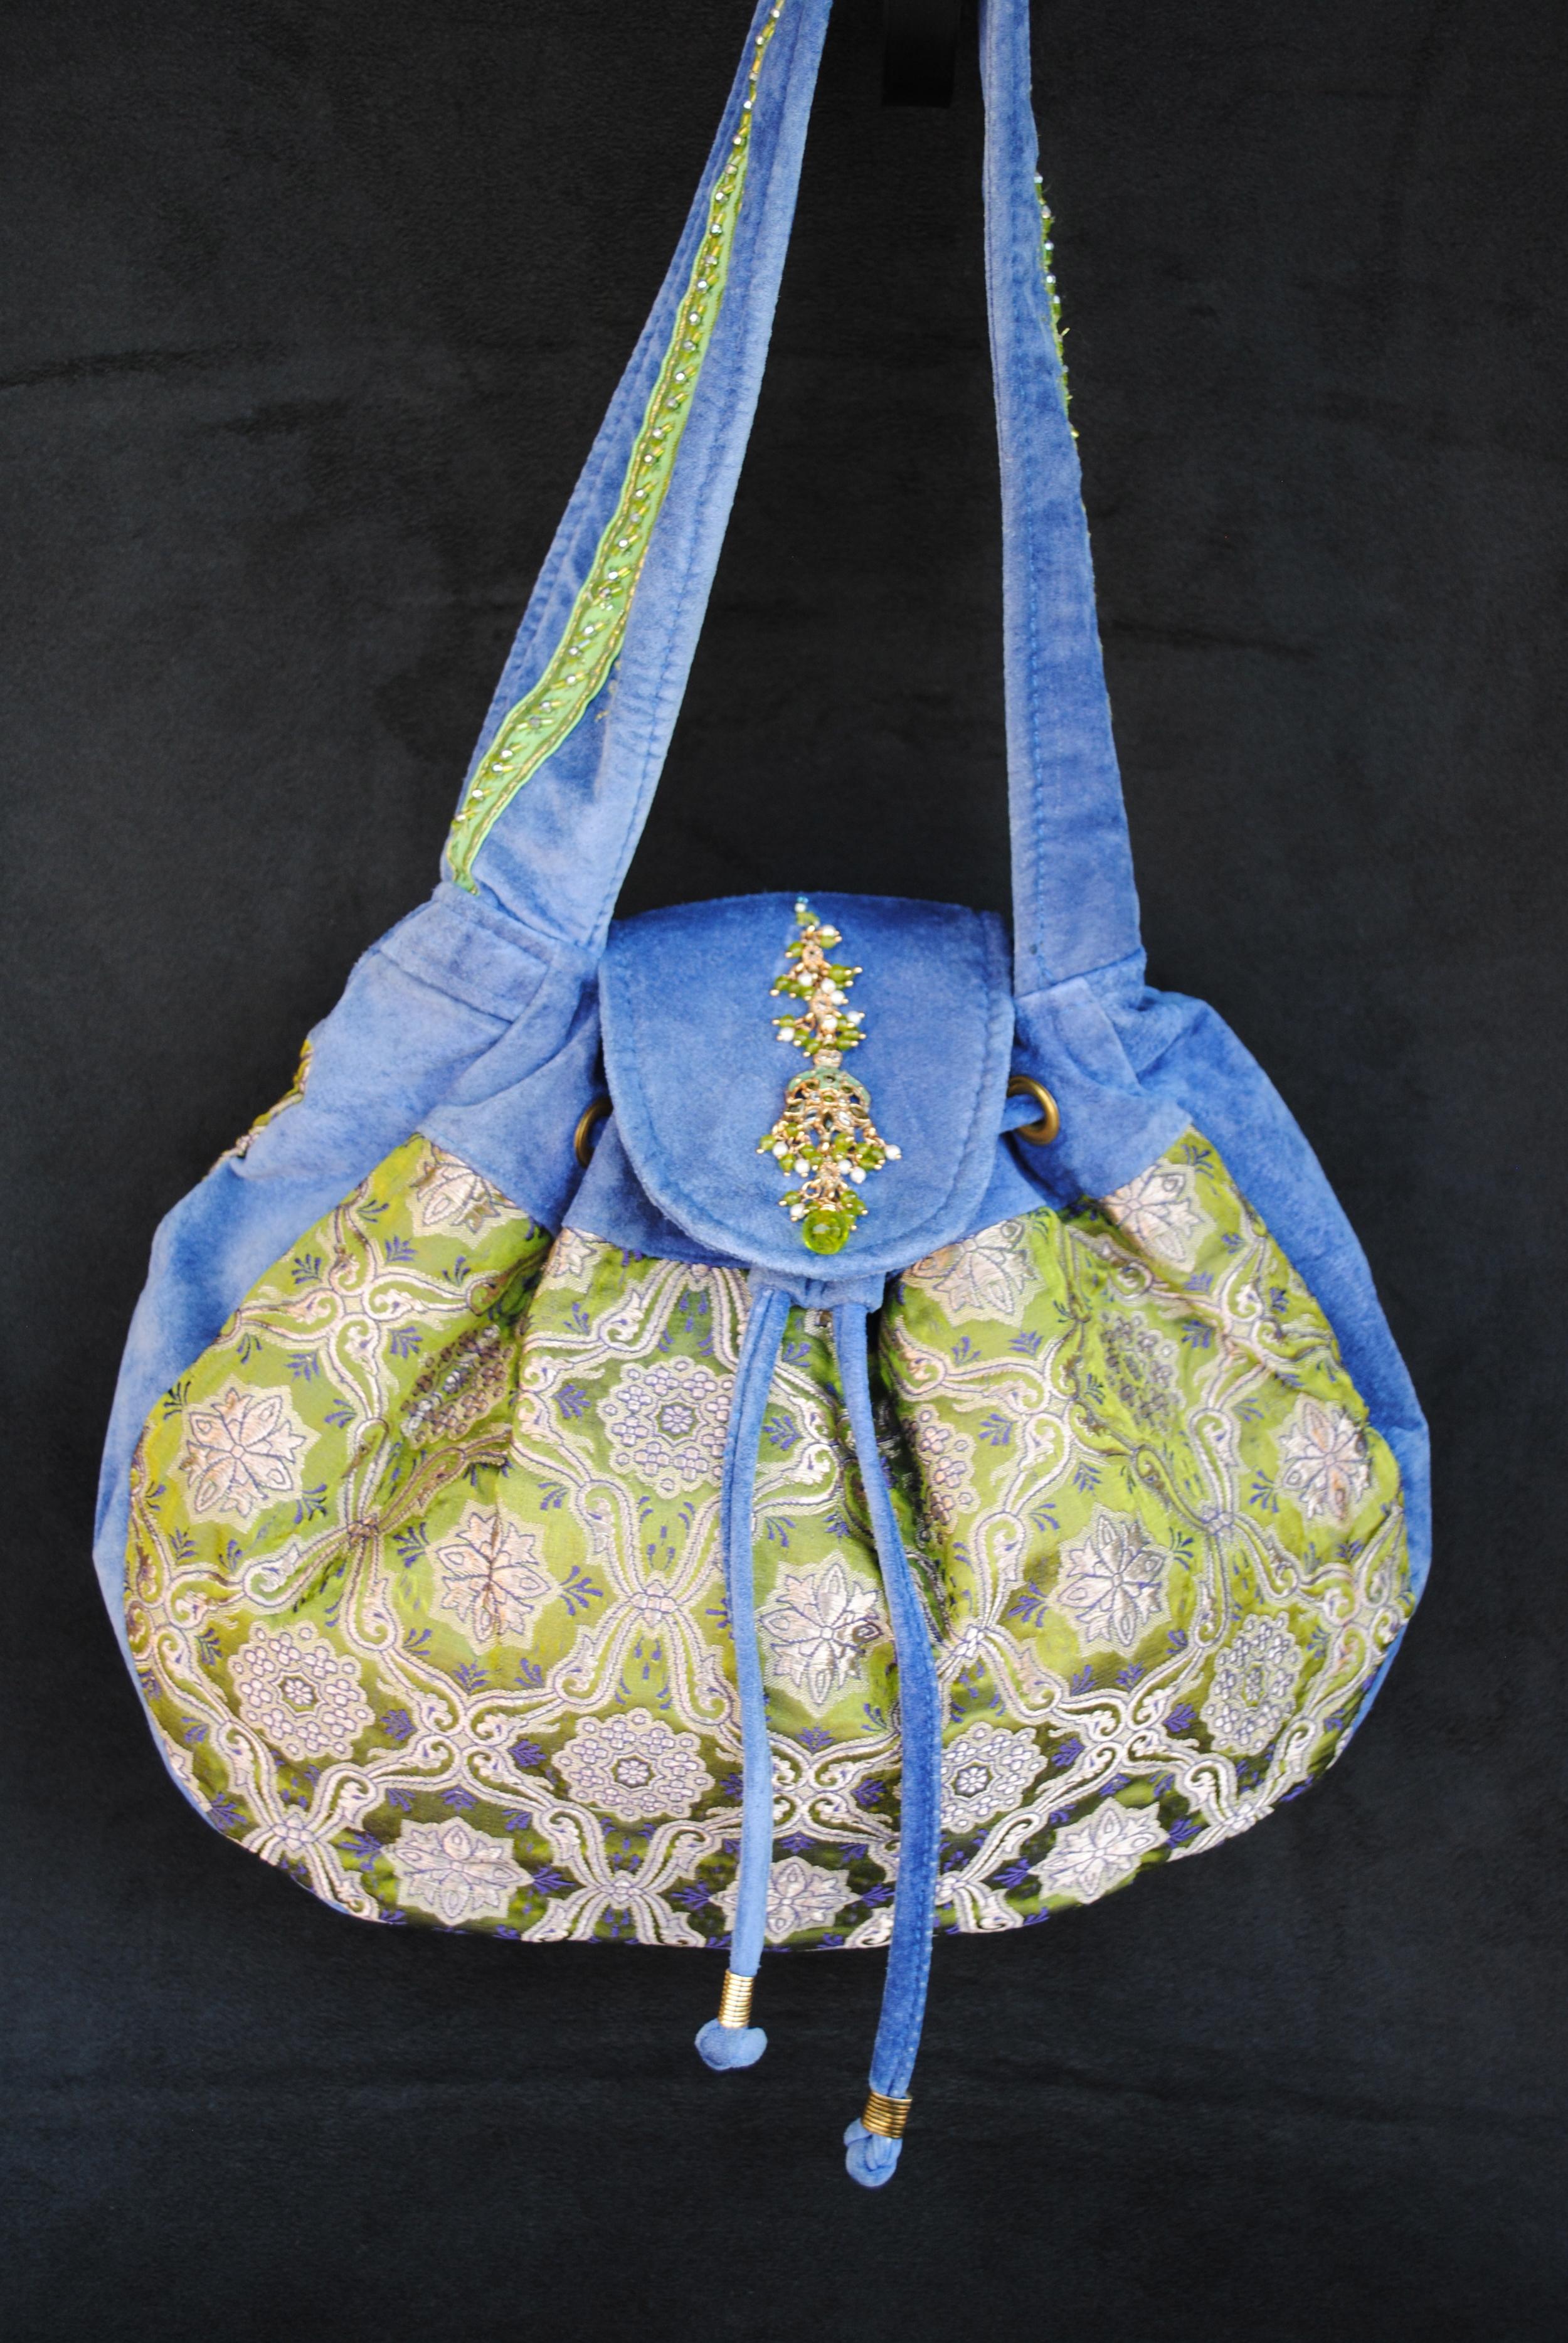 Saphire and Peridot Drawstring Bag